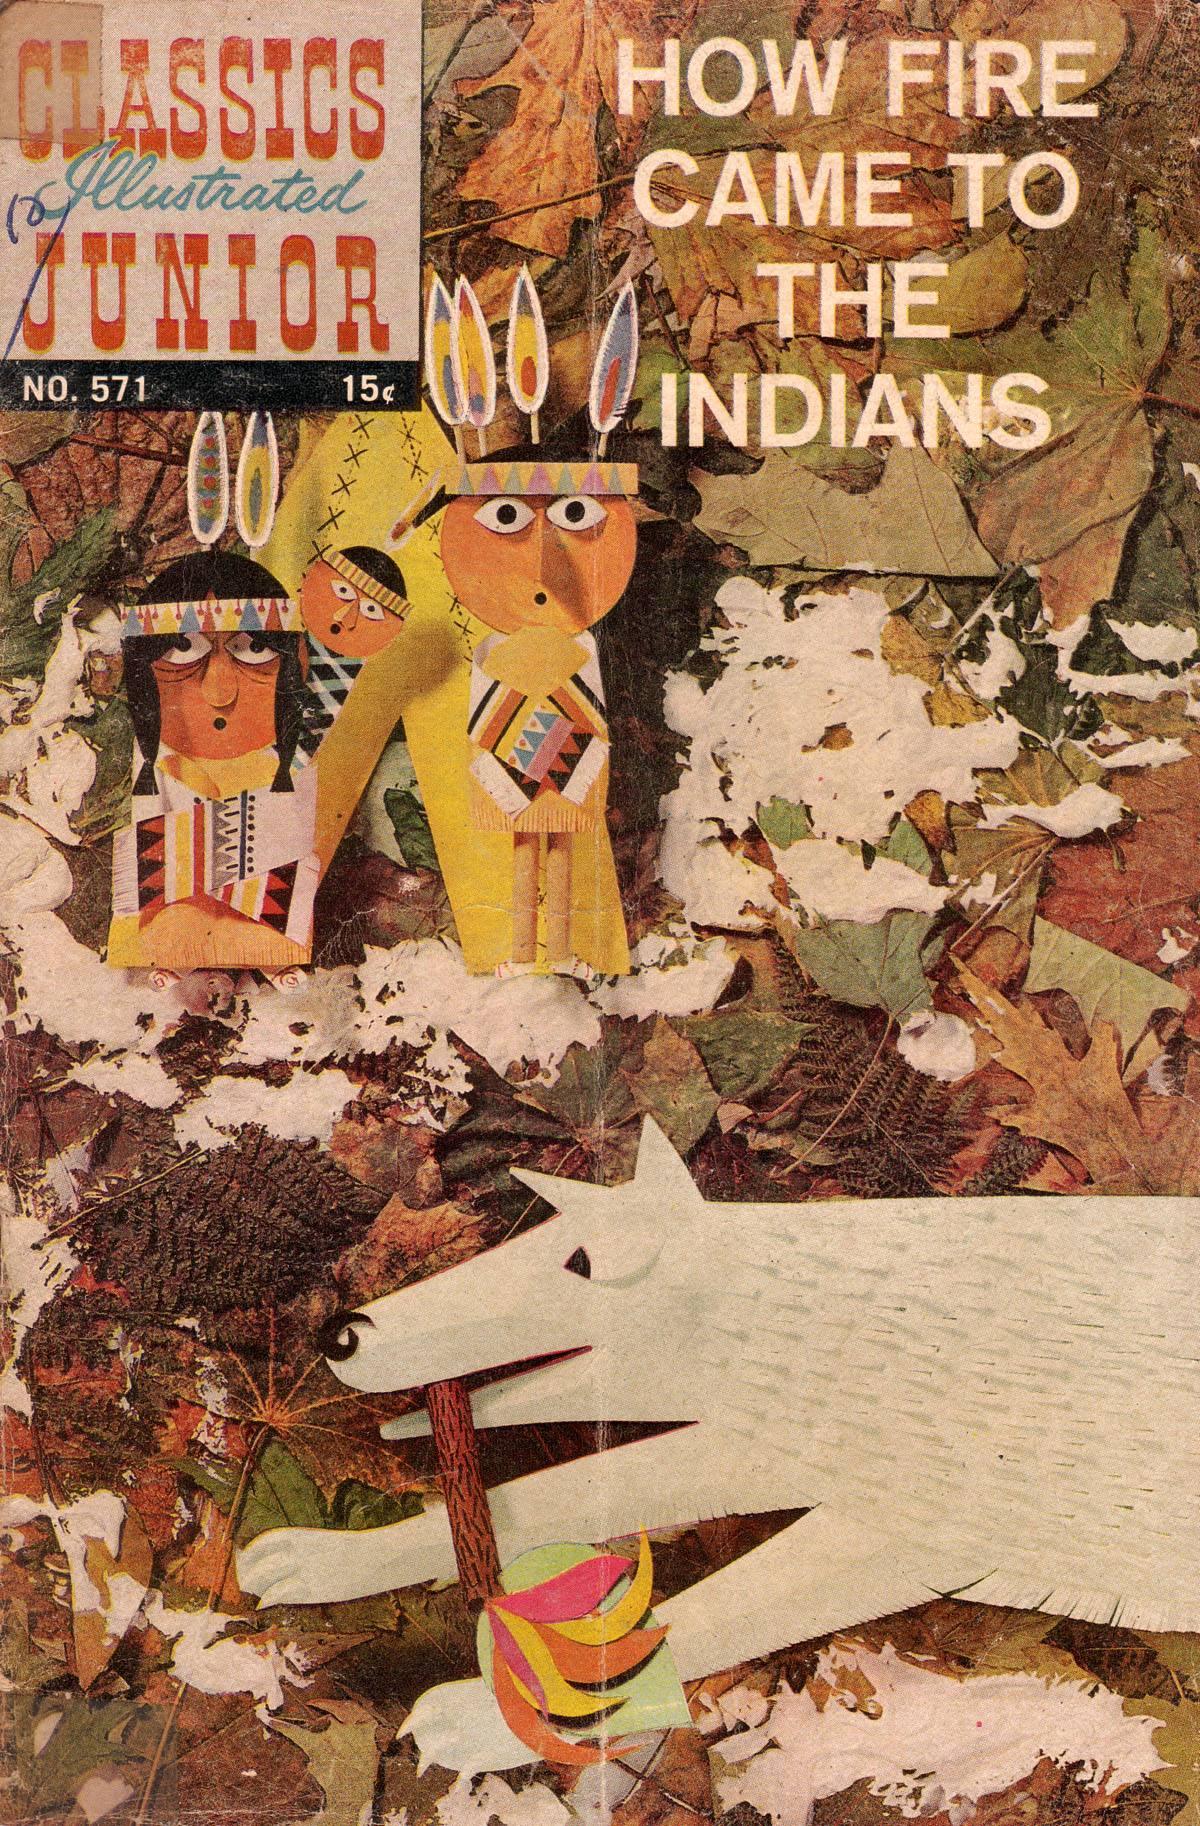 Classics Illustrated Junior 571 Page 1